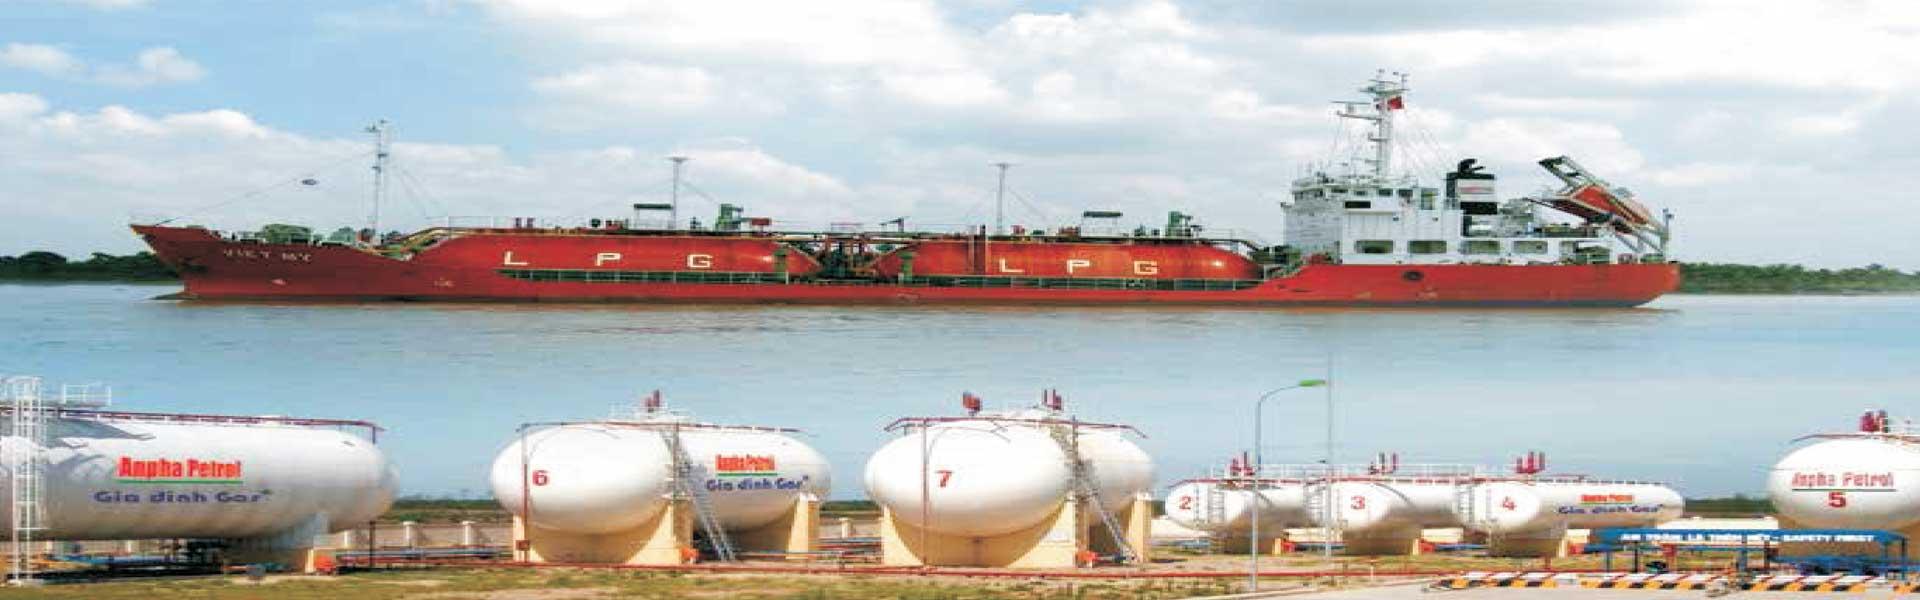 Cung cấp gas công nghiệp gas bồn,  lắp đặt bồn gas công nghiệp LPG, lắp đặt gas nhà hàng